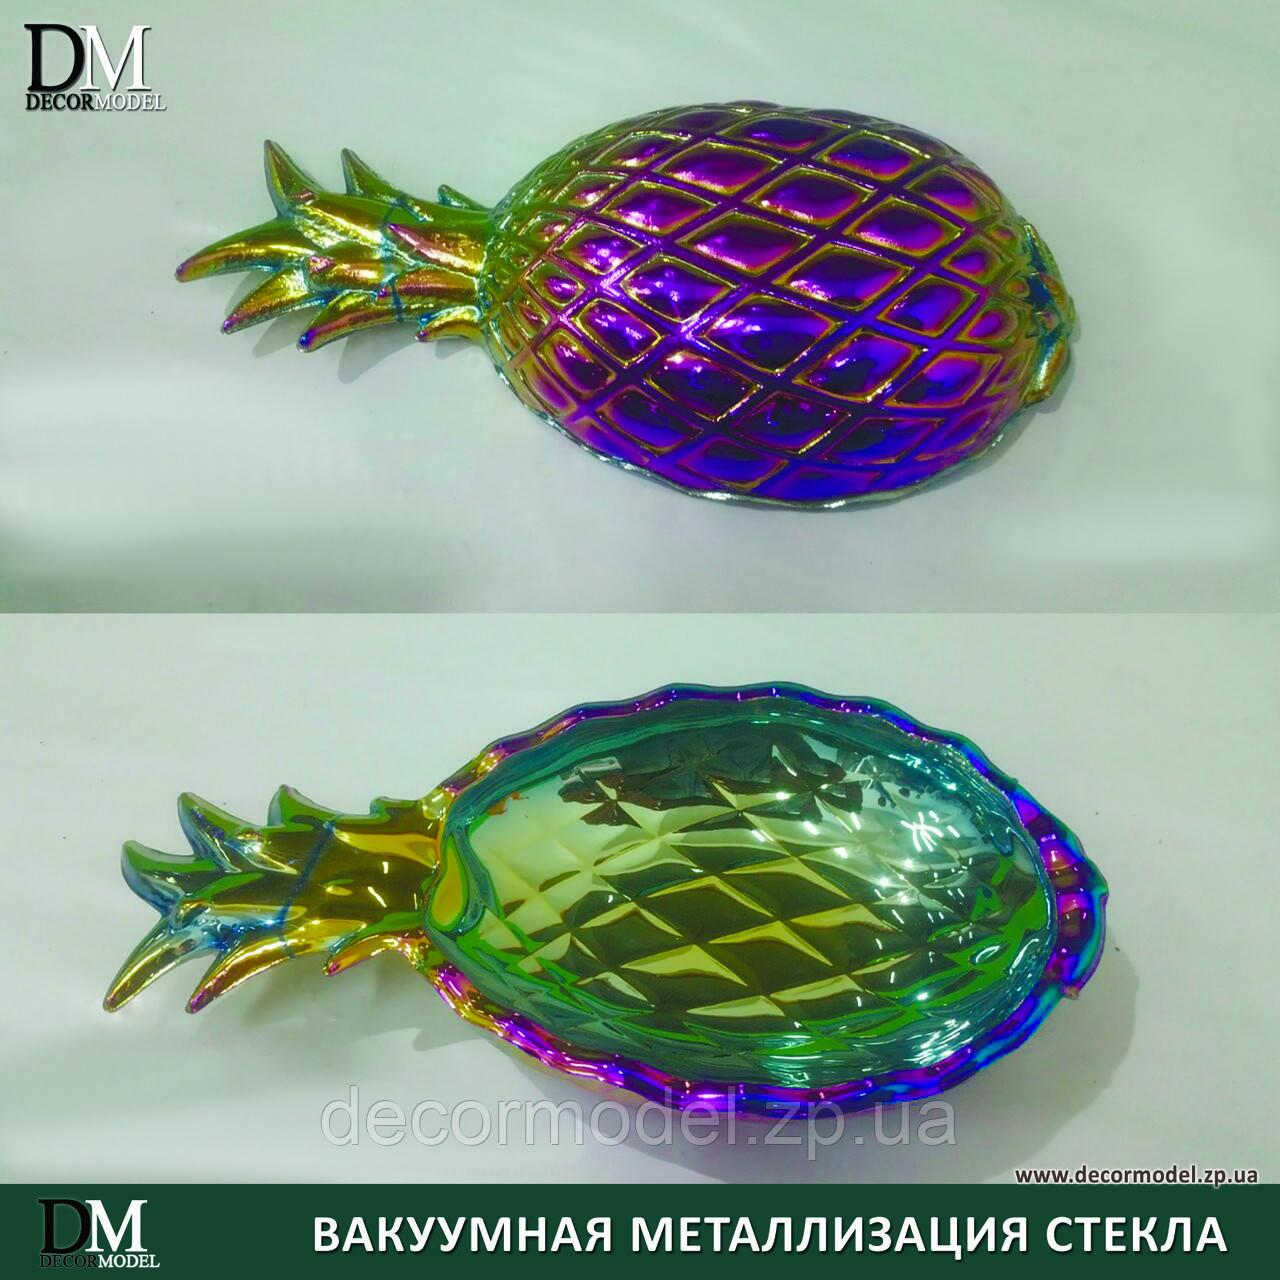 Промышленное декорирование посуды из стекла, керамики (вакуумная металлизация, хромирование, золочение)